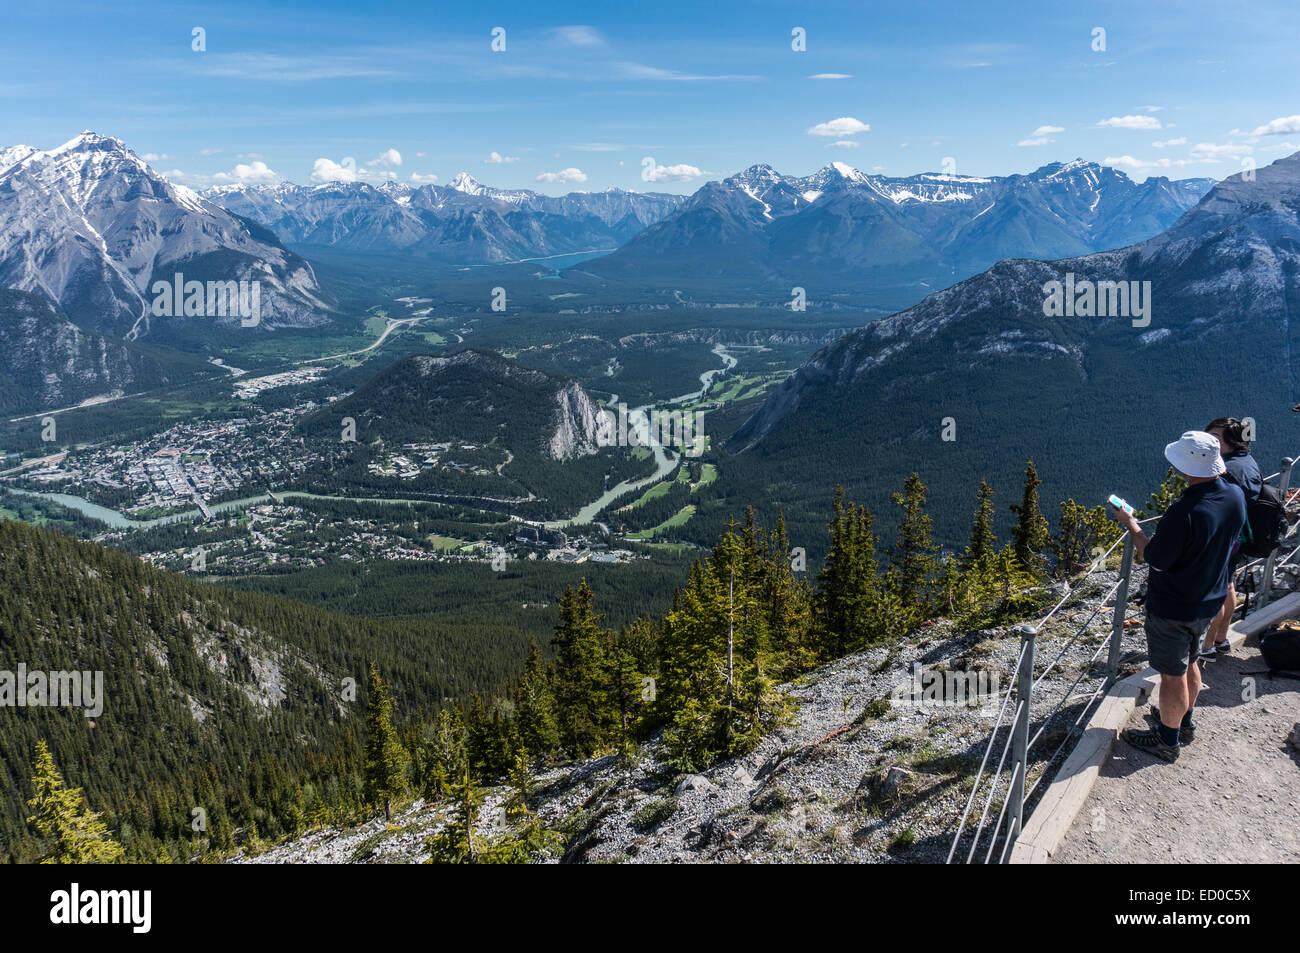 Kanada, Alberta Banff Nationalpark, Blick zwei Personen sehen sich gerade vom Sulphur Mountain Stockbild